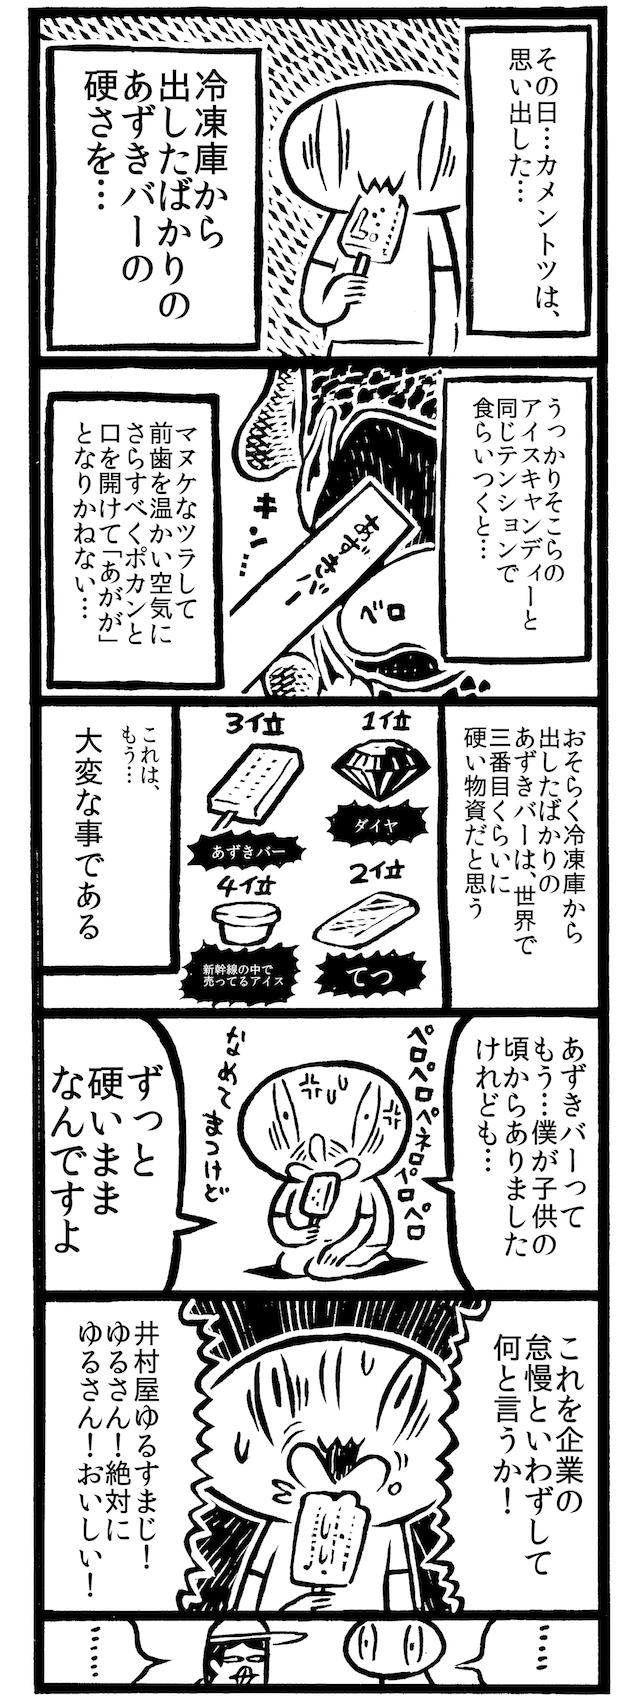 f:id:kakijiro:20160909112926j:plain